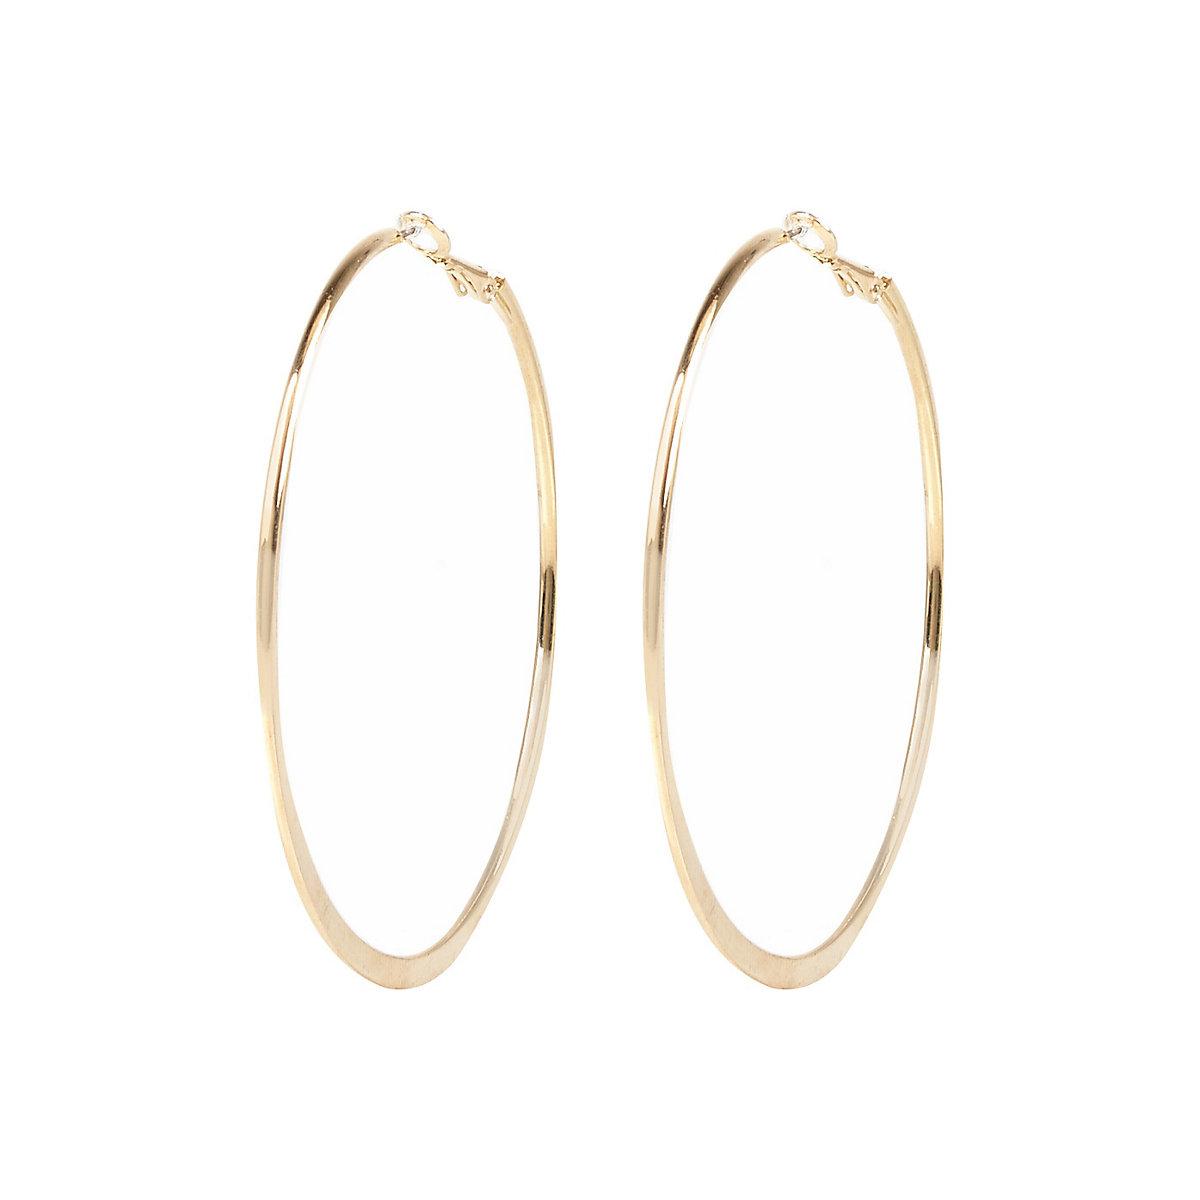 Gold color medium flat bottom hoop earrings